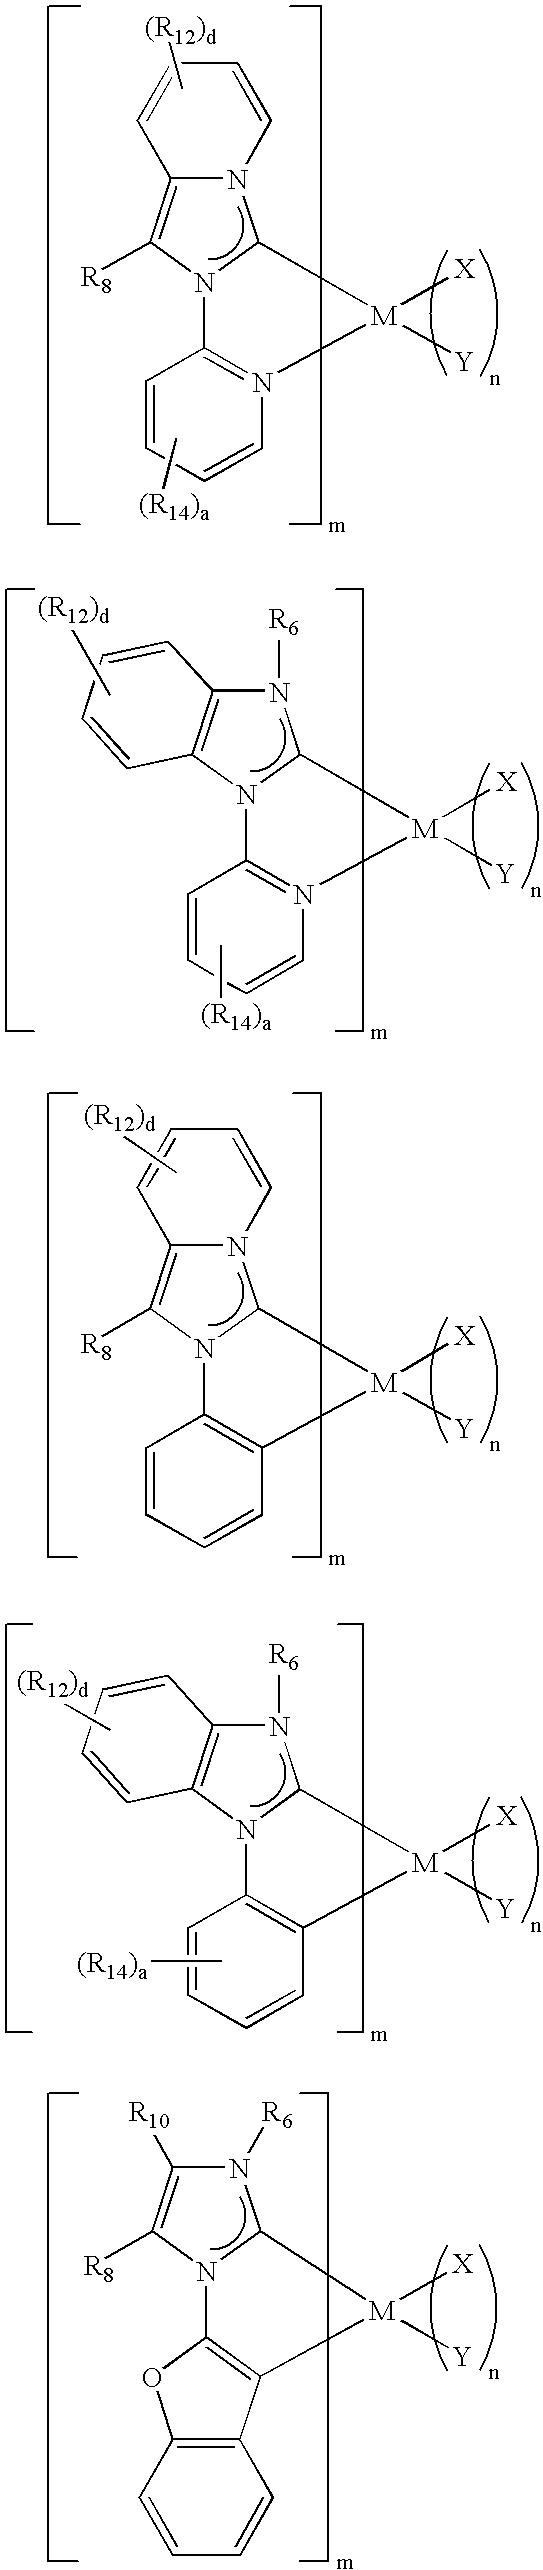 Figure US07491823-20090217-C00026